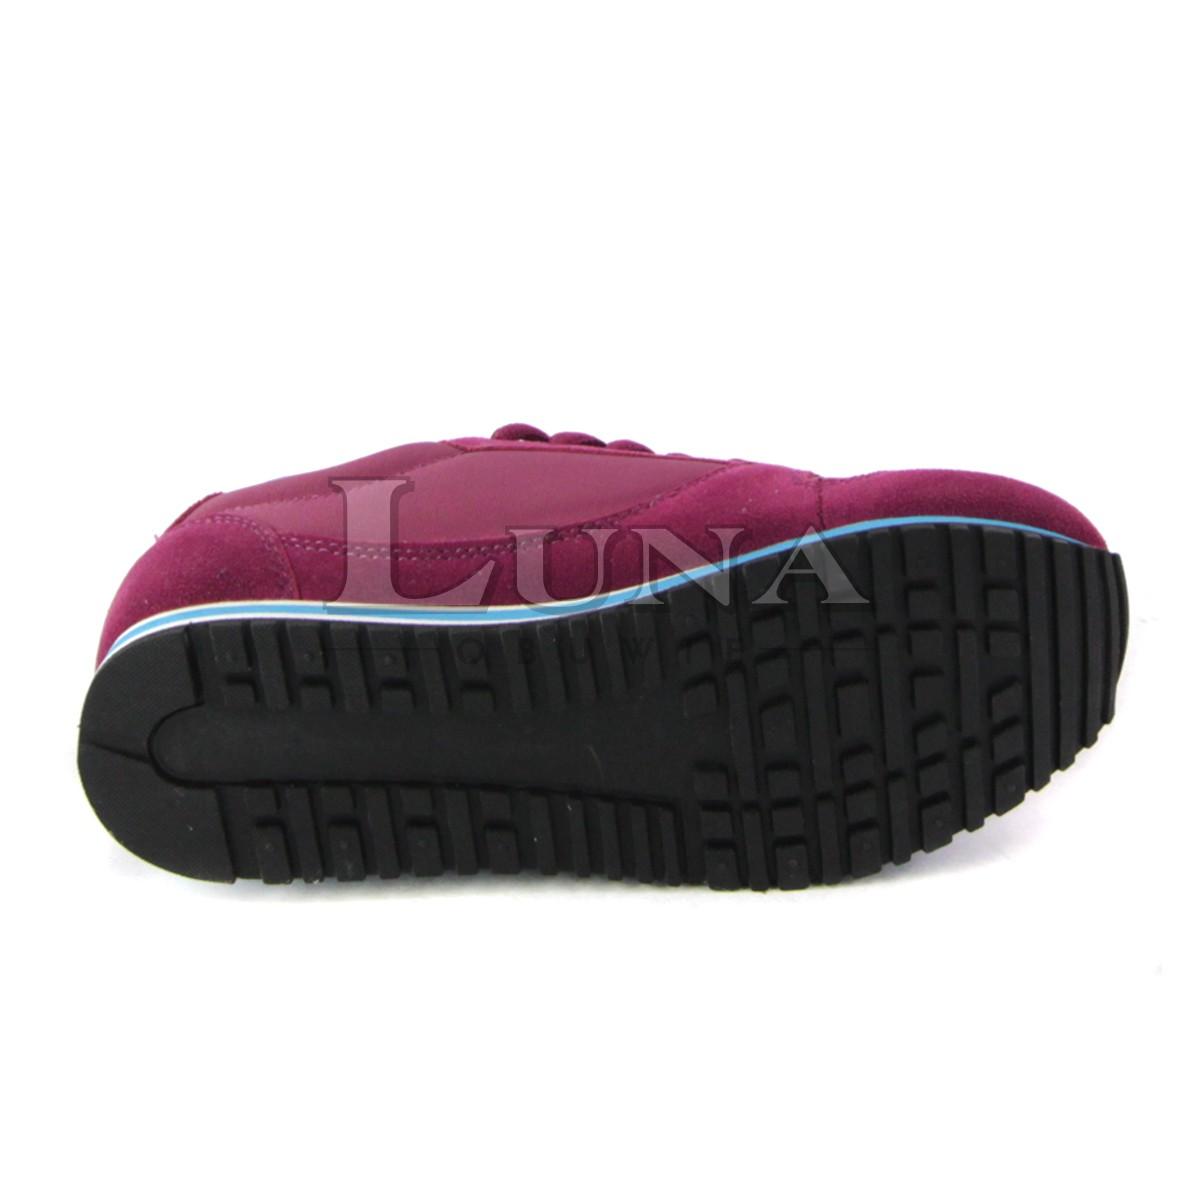 Buty Sportowe AMERRICAN